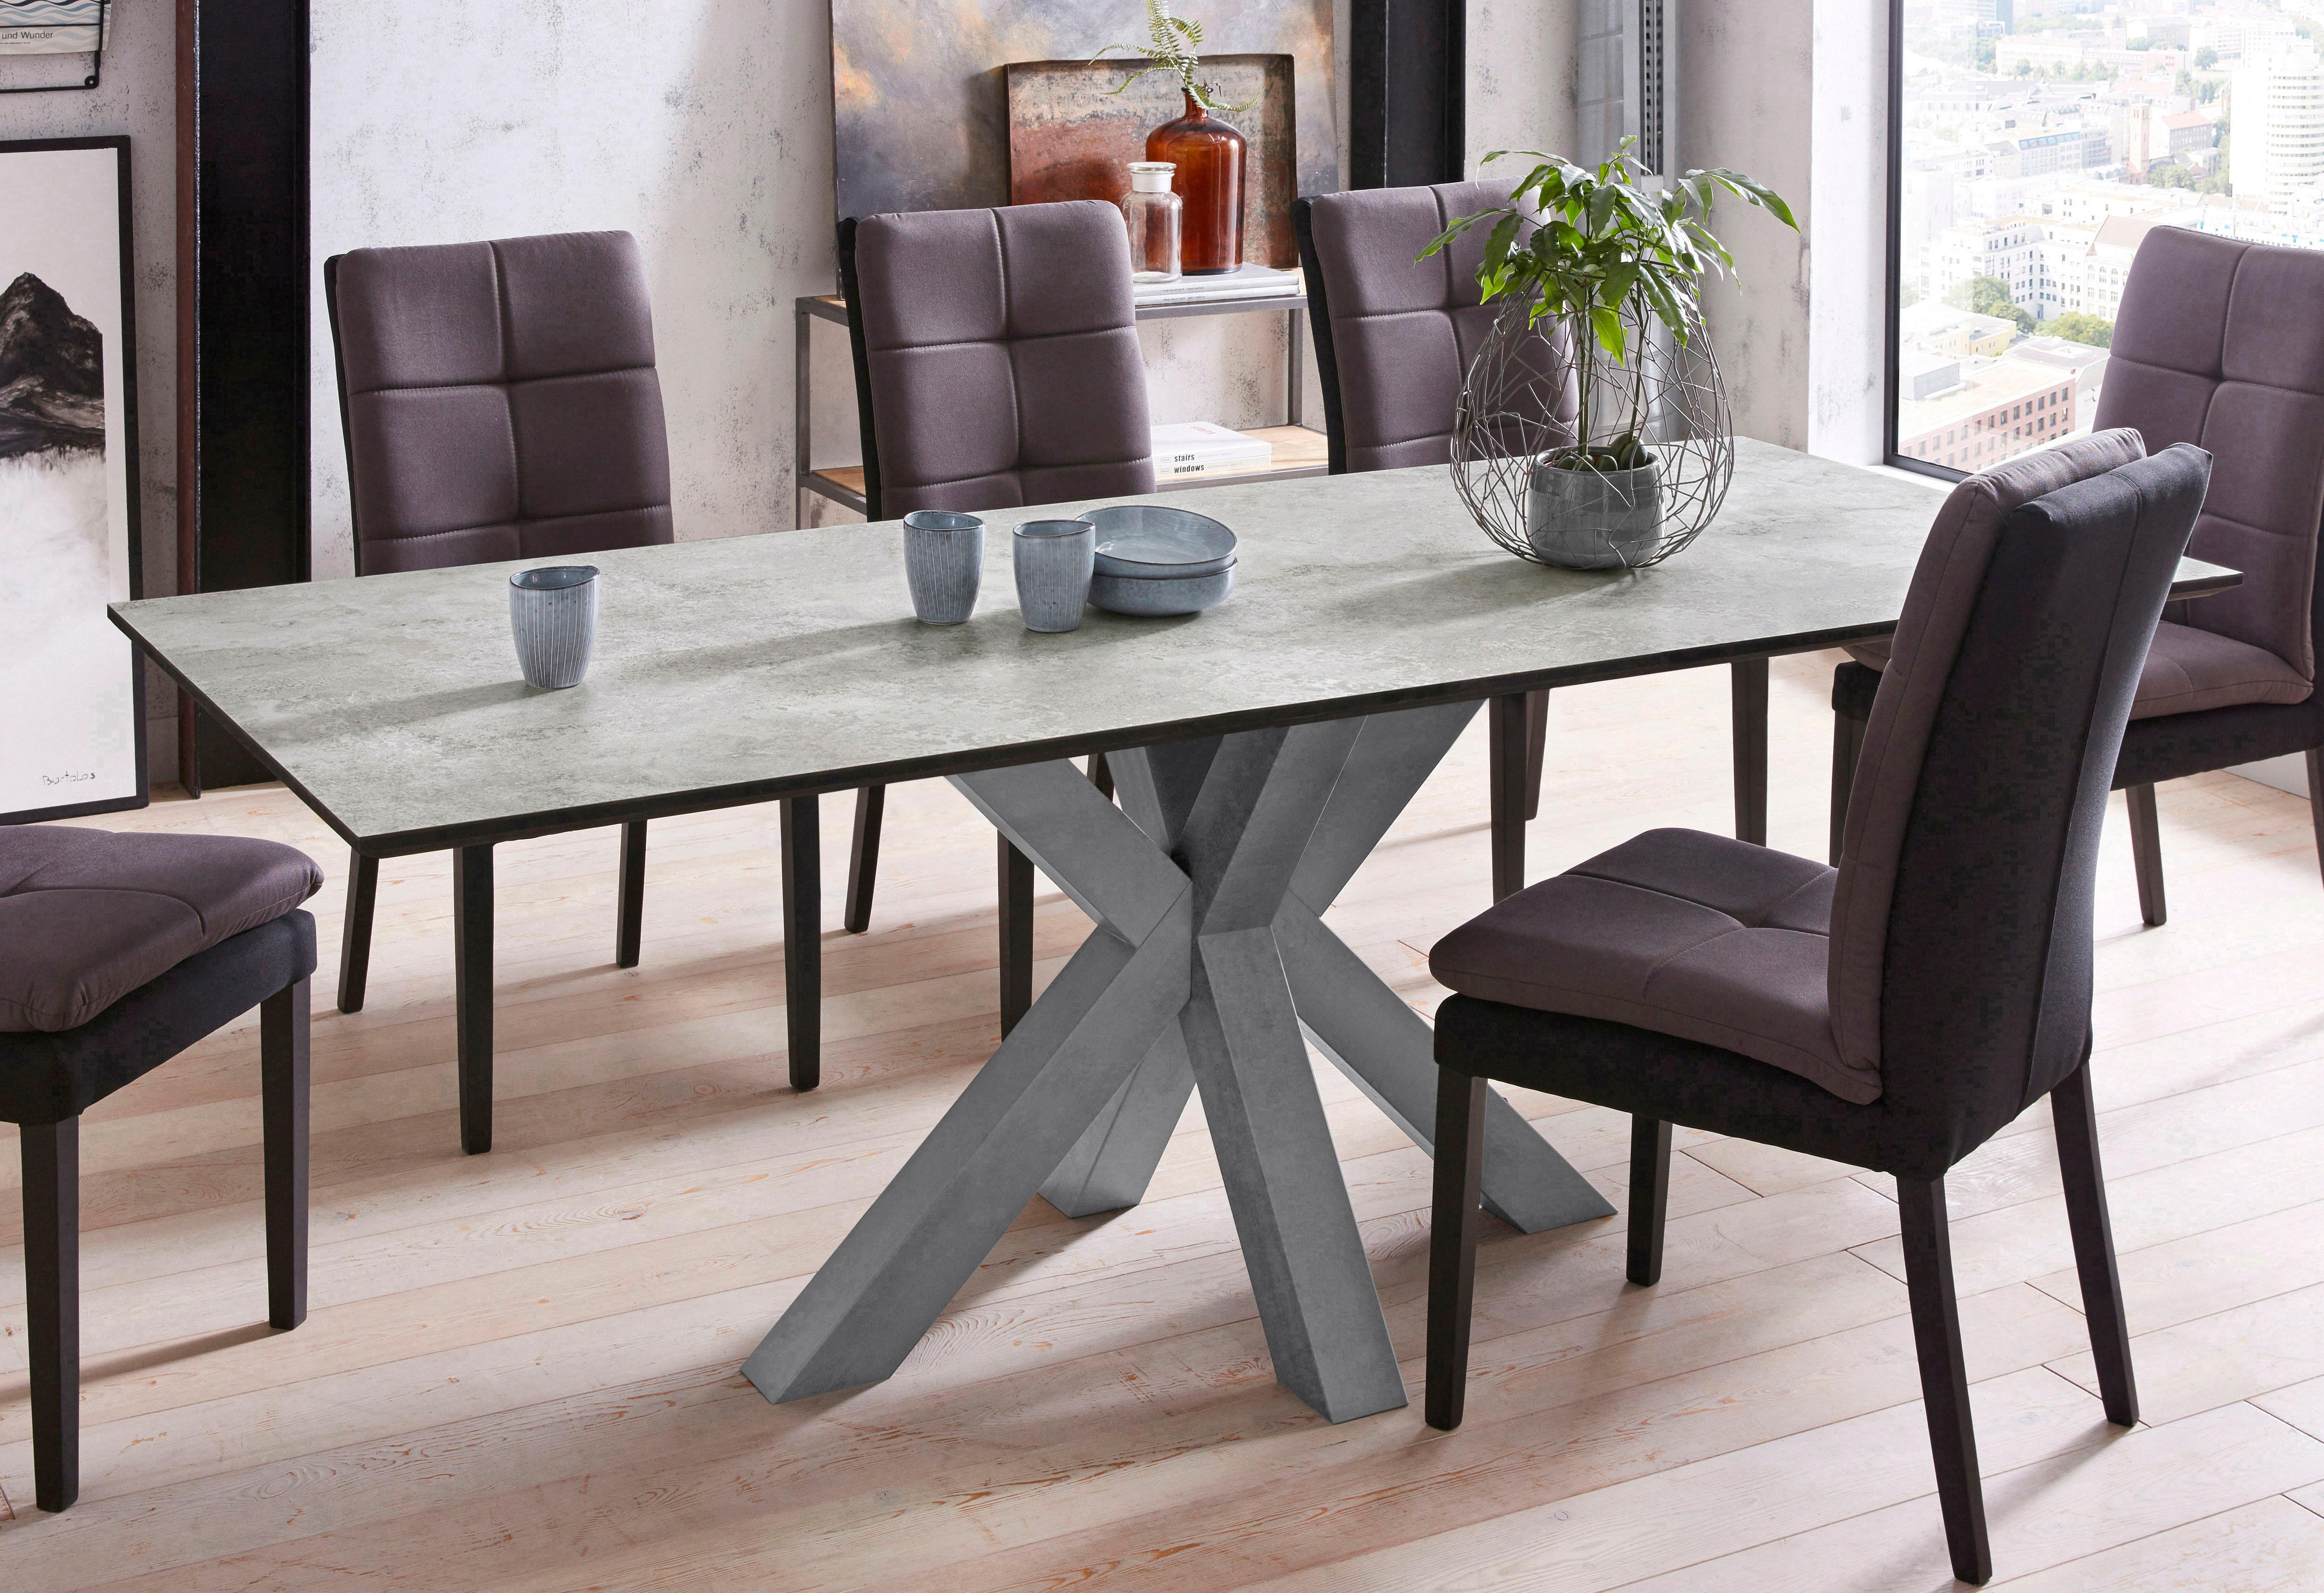 Mäusbacher Esstisch, Breite 180 cm grau Esstisch Esstische rechteckig Tische